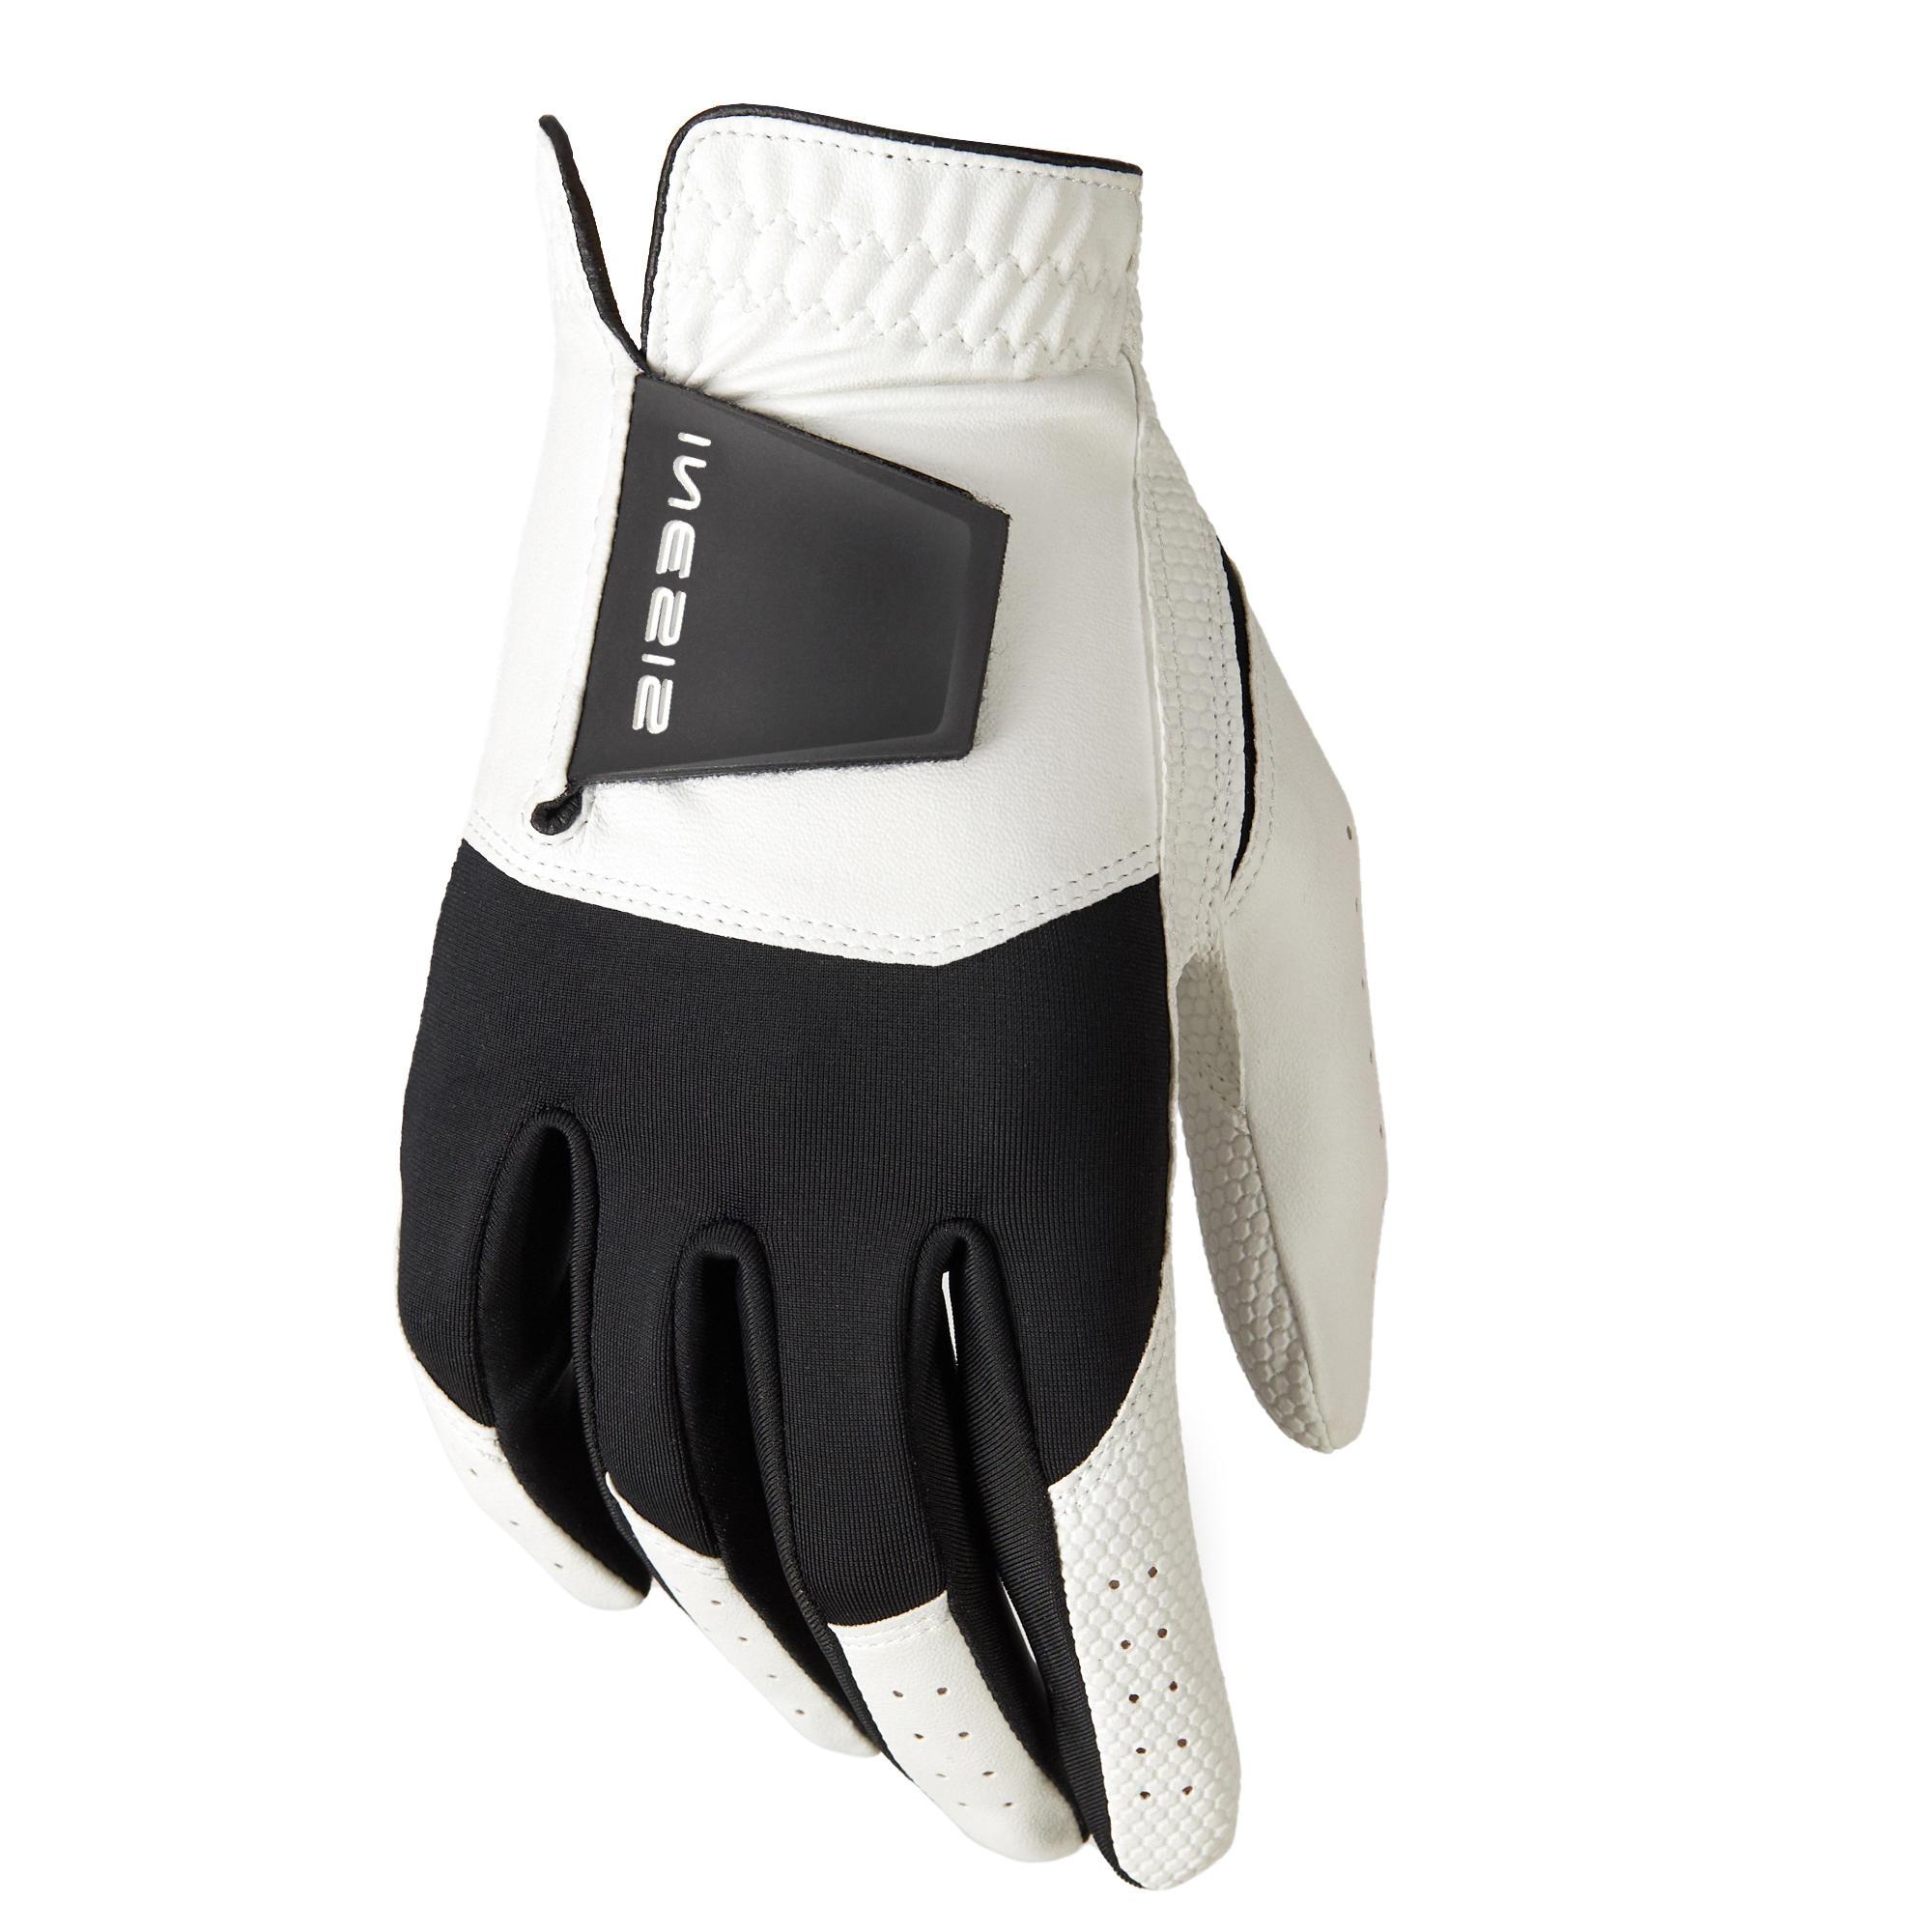 Golfhandschuh 100 LH Damen   Accessoires > Handschuhe   Weiß - Schwarz   Elasthan   Inesis